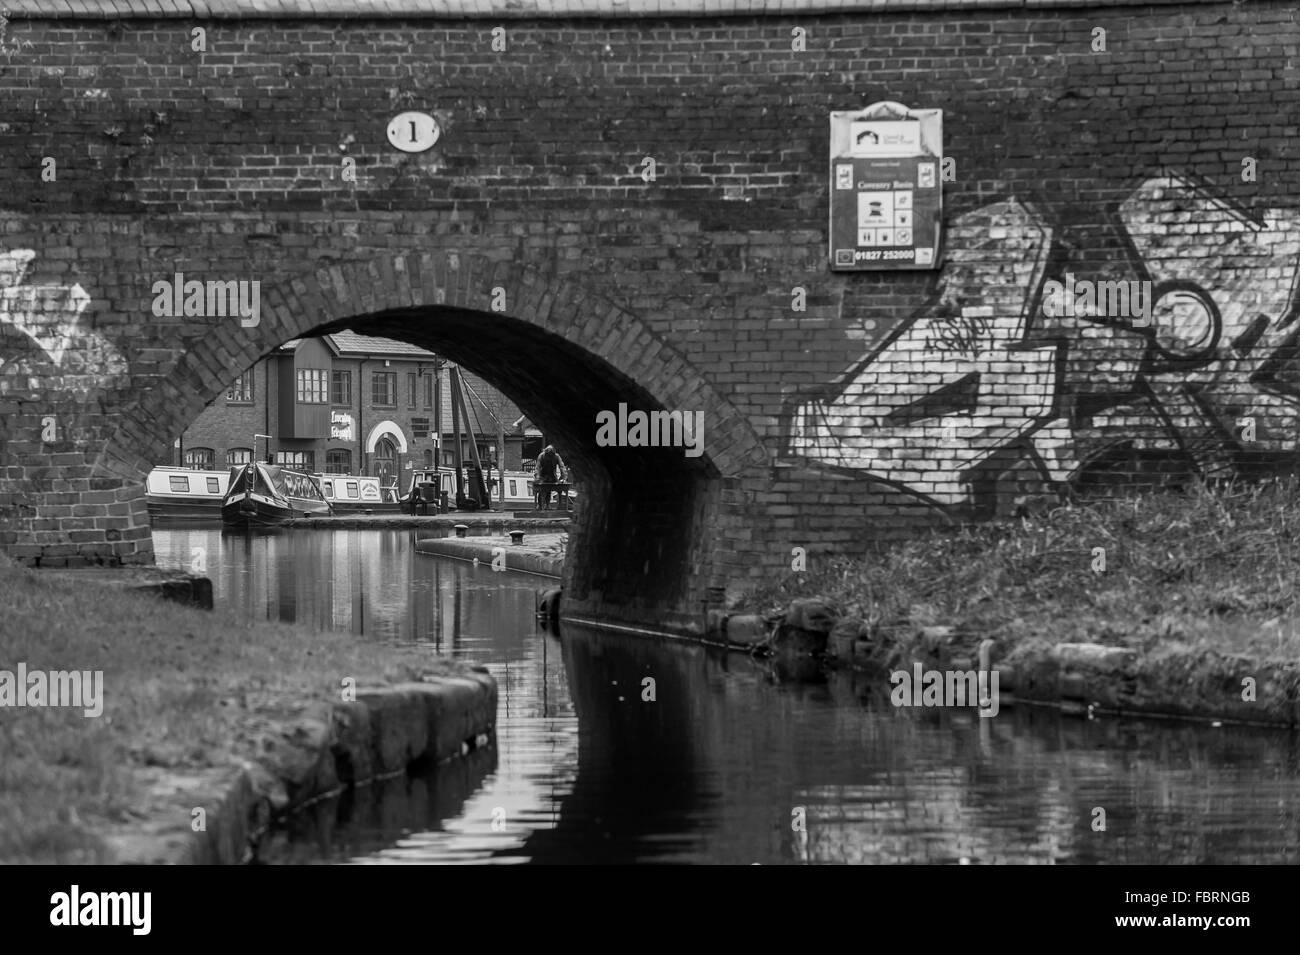 Coventry Canal Basin wie durch ein Graffiti überdachte Brücke Nummer 1 gesehen. Stockbild